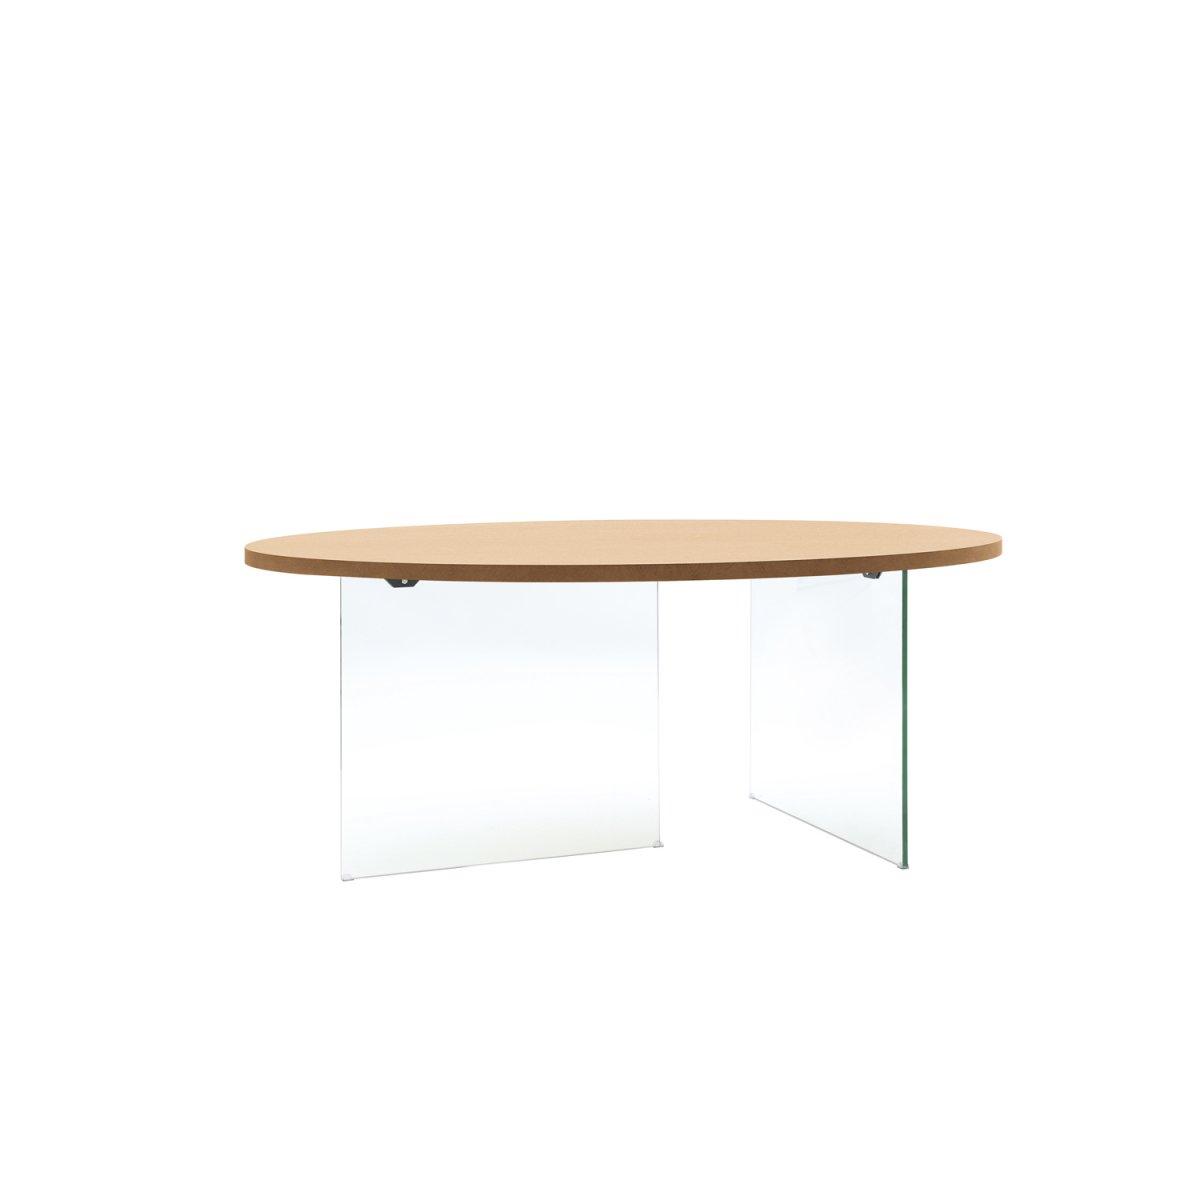 Loft tavolo ovale rovere e cristallo lf135 loft tavoli e sedie tavoli - Tavolo in cristallo ovale ...